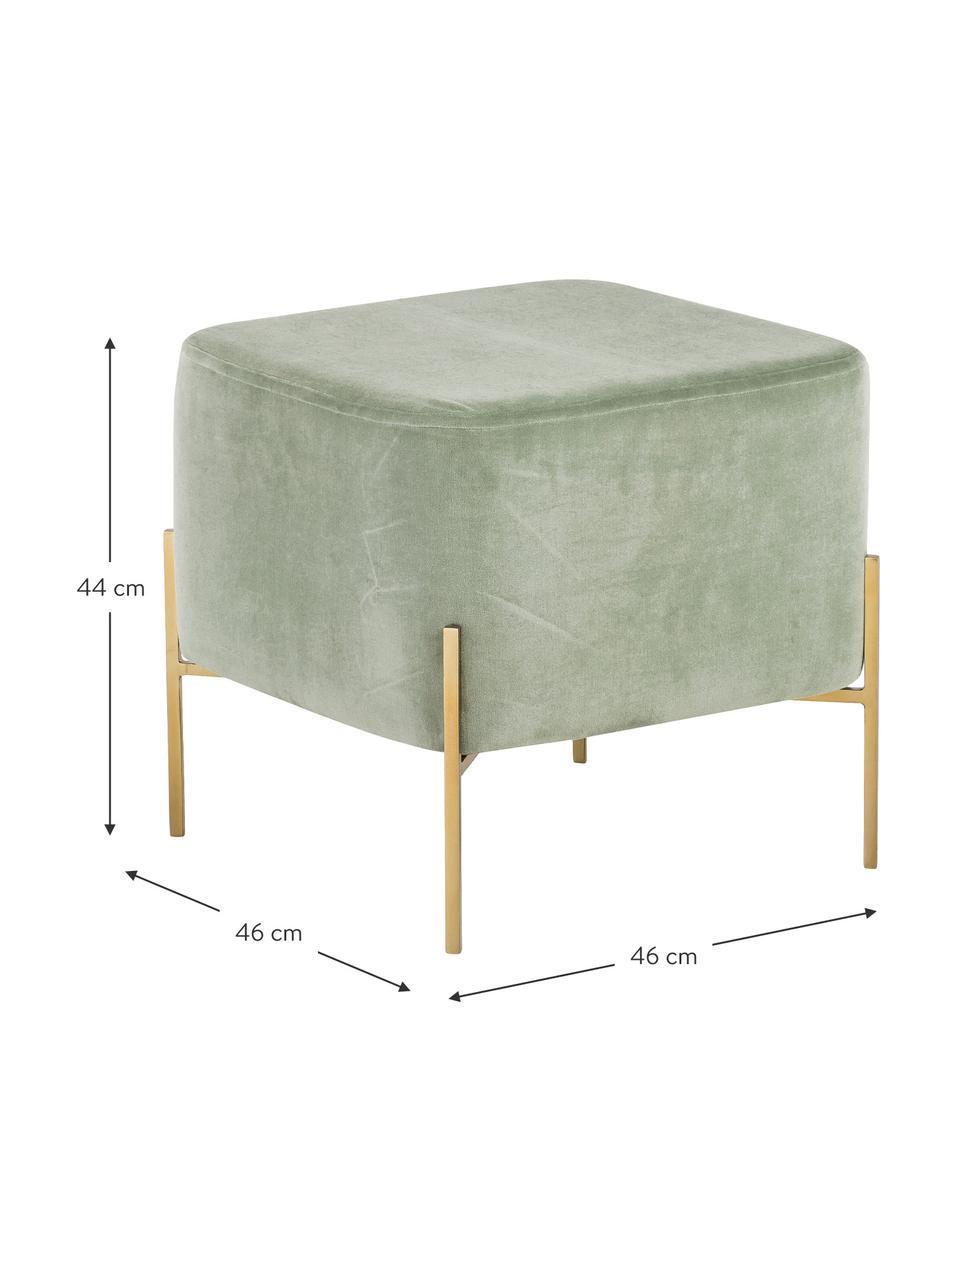 Pouf in velluto Harper, Rivestimento: velluto di cotone, Verde salvia, dorato, Larg. 46 x Alt. 44 cm